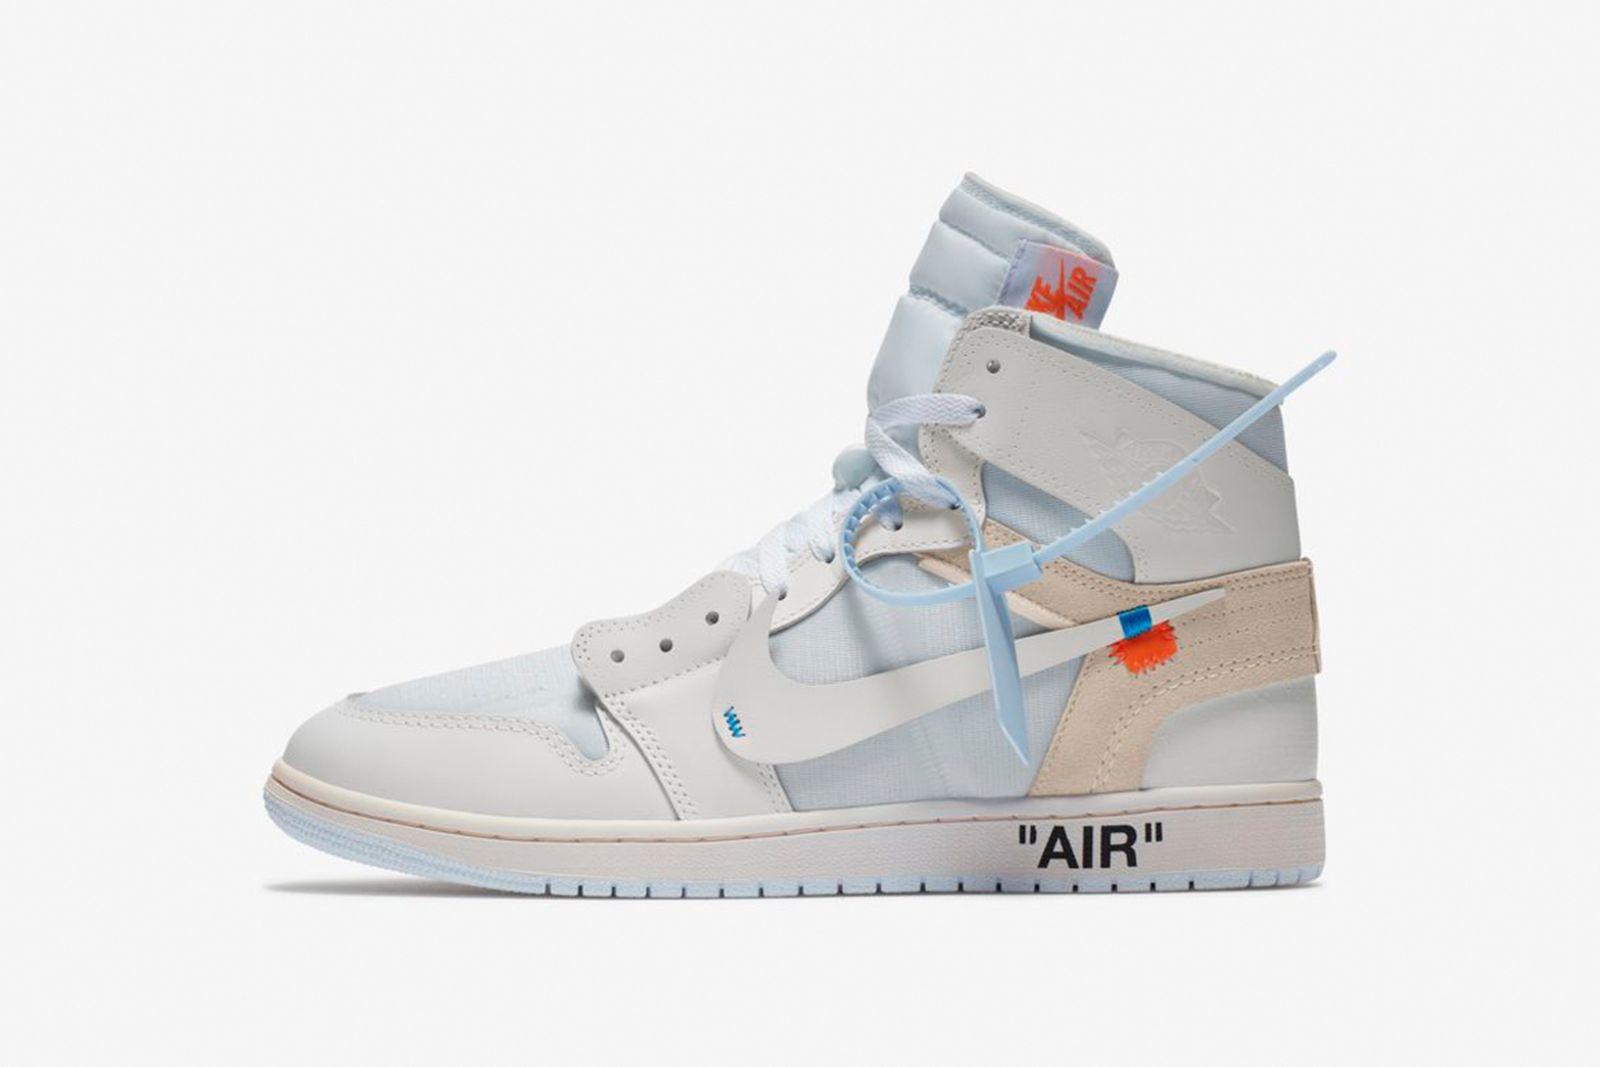 jordan 1 white GOAT Nike The Ten OFF-WHITE c/o Virgil Abloh